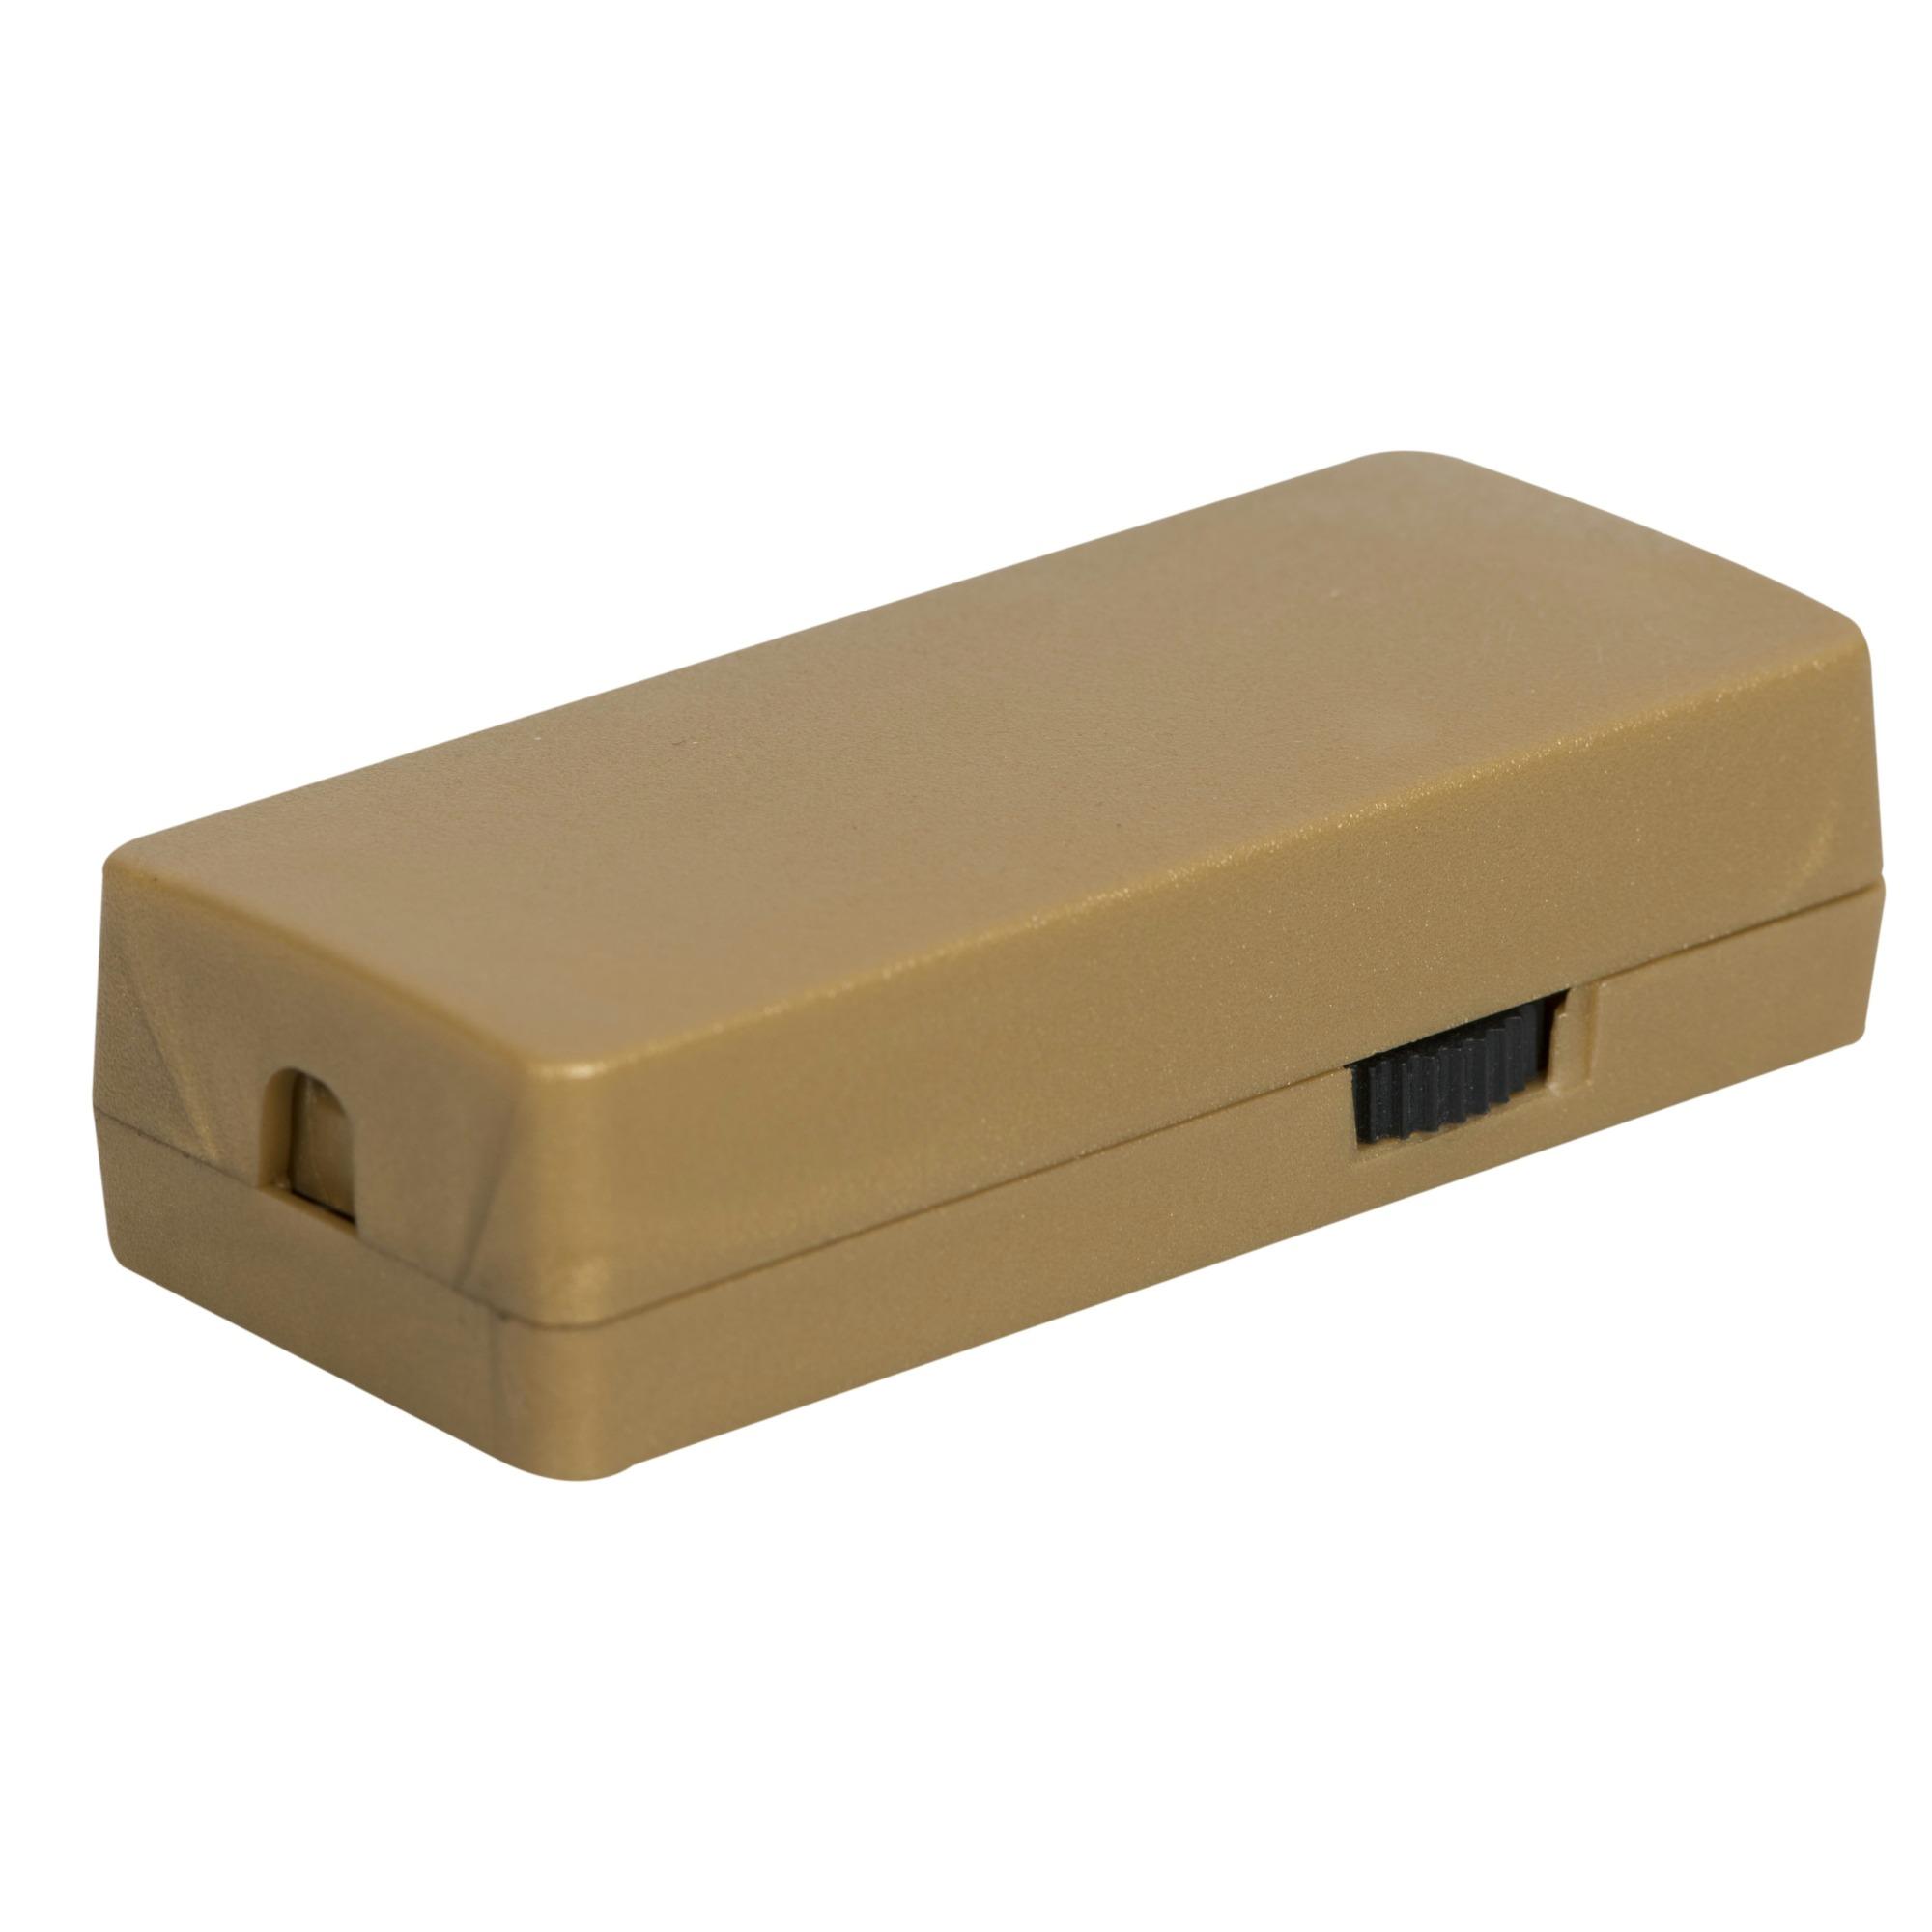 GAMMA LED snoerdimmer 1-25 watt brons